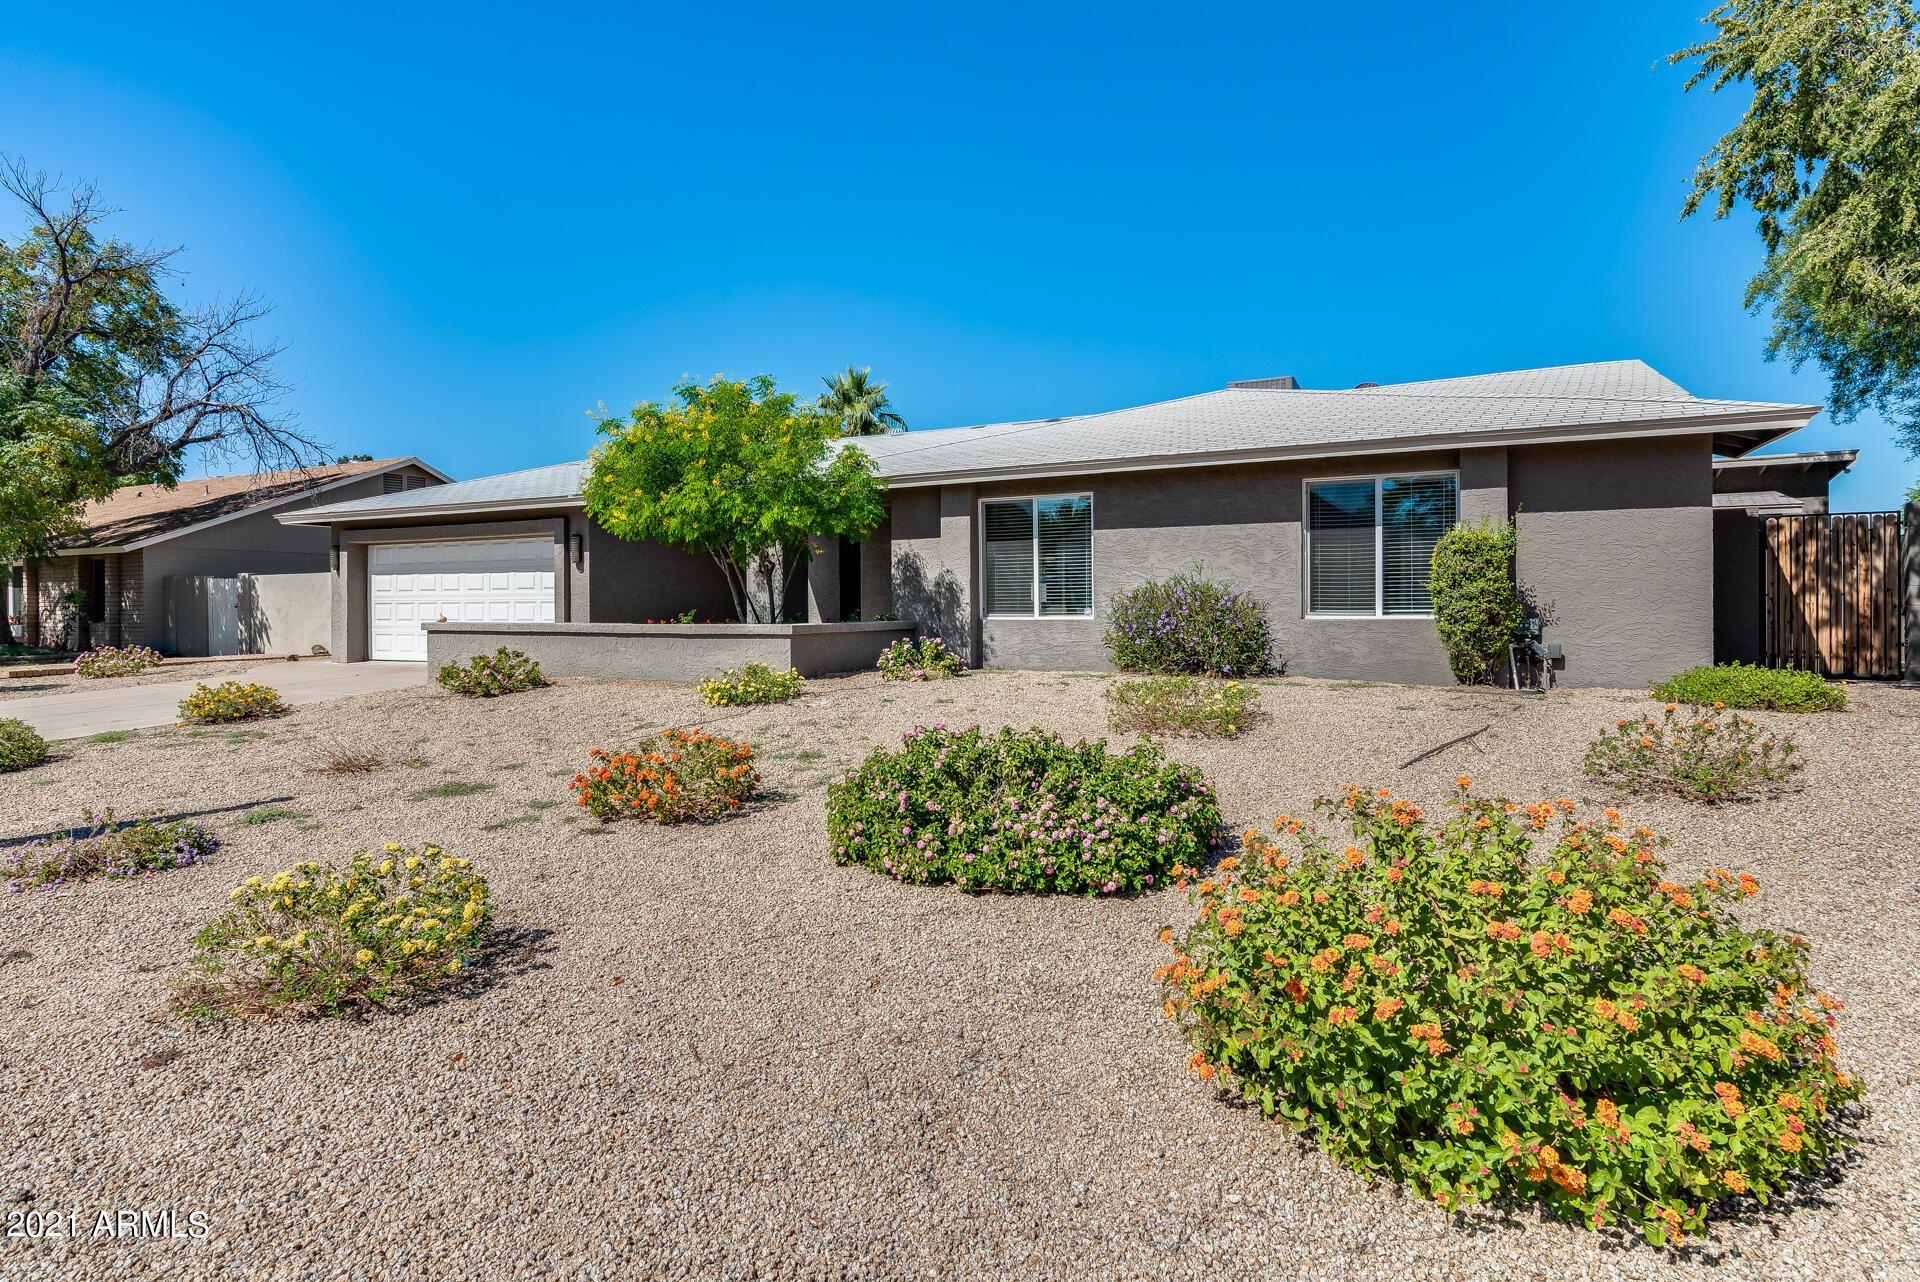 Photo of 4630 W AIRE LIBRE Avenue, Glendale, AZ 85306 (MLS # 6294124)